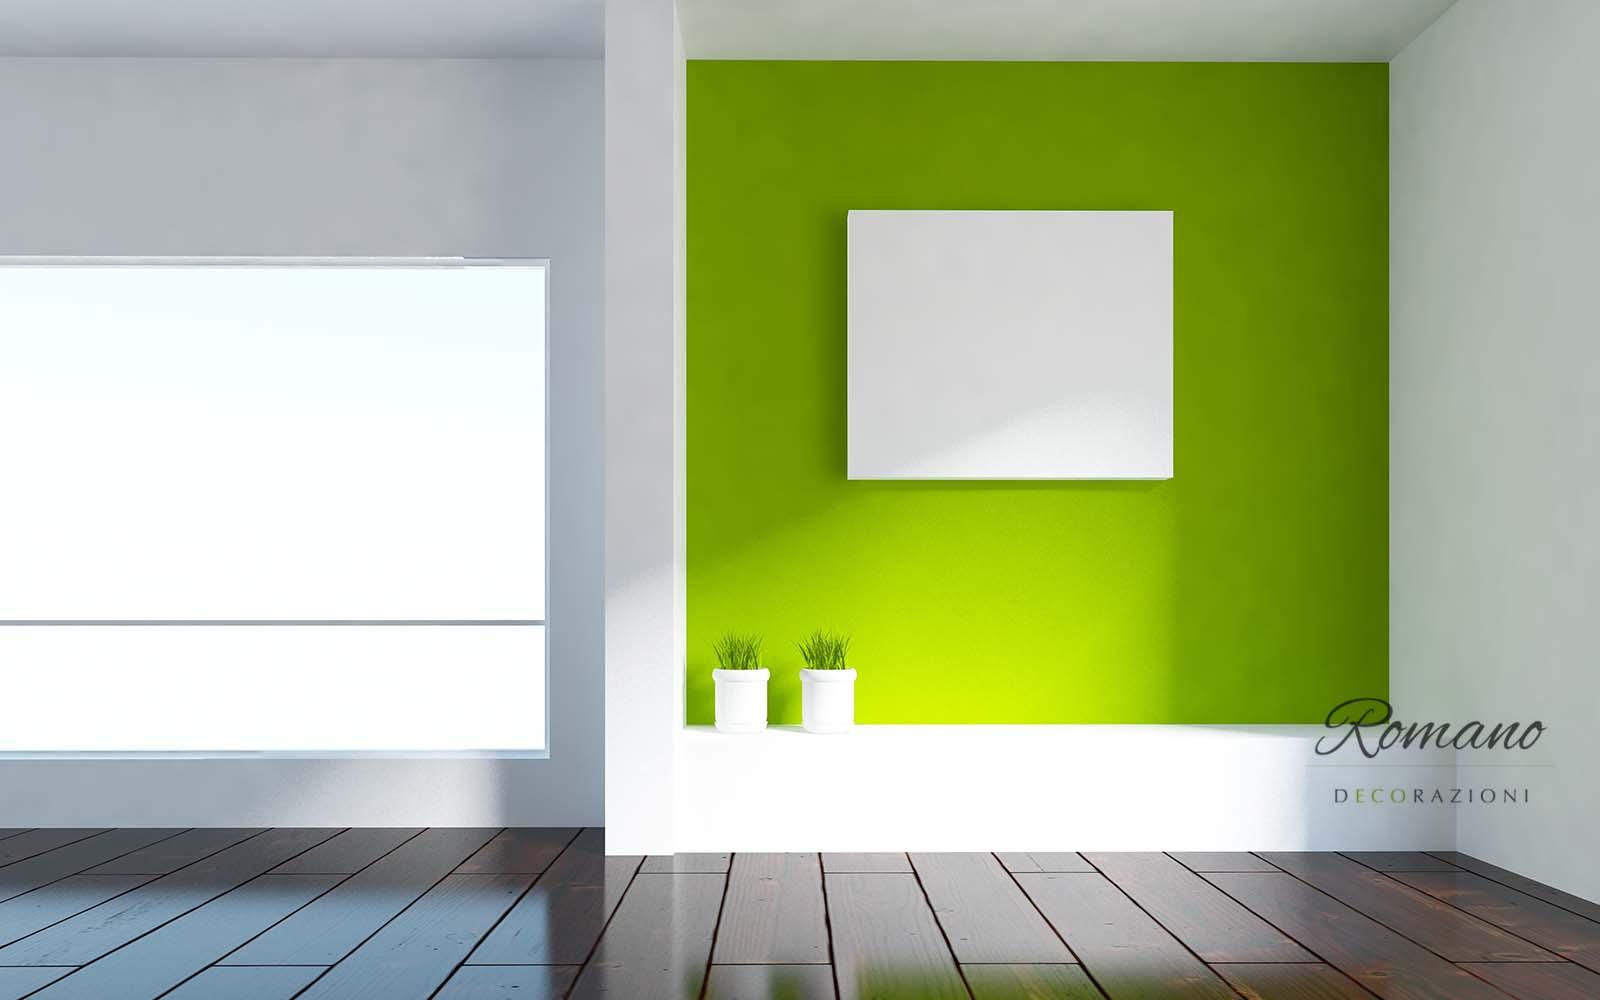 Camera bianca, rettangolo bianco sulla parete verde lime